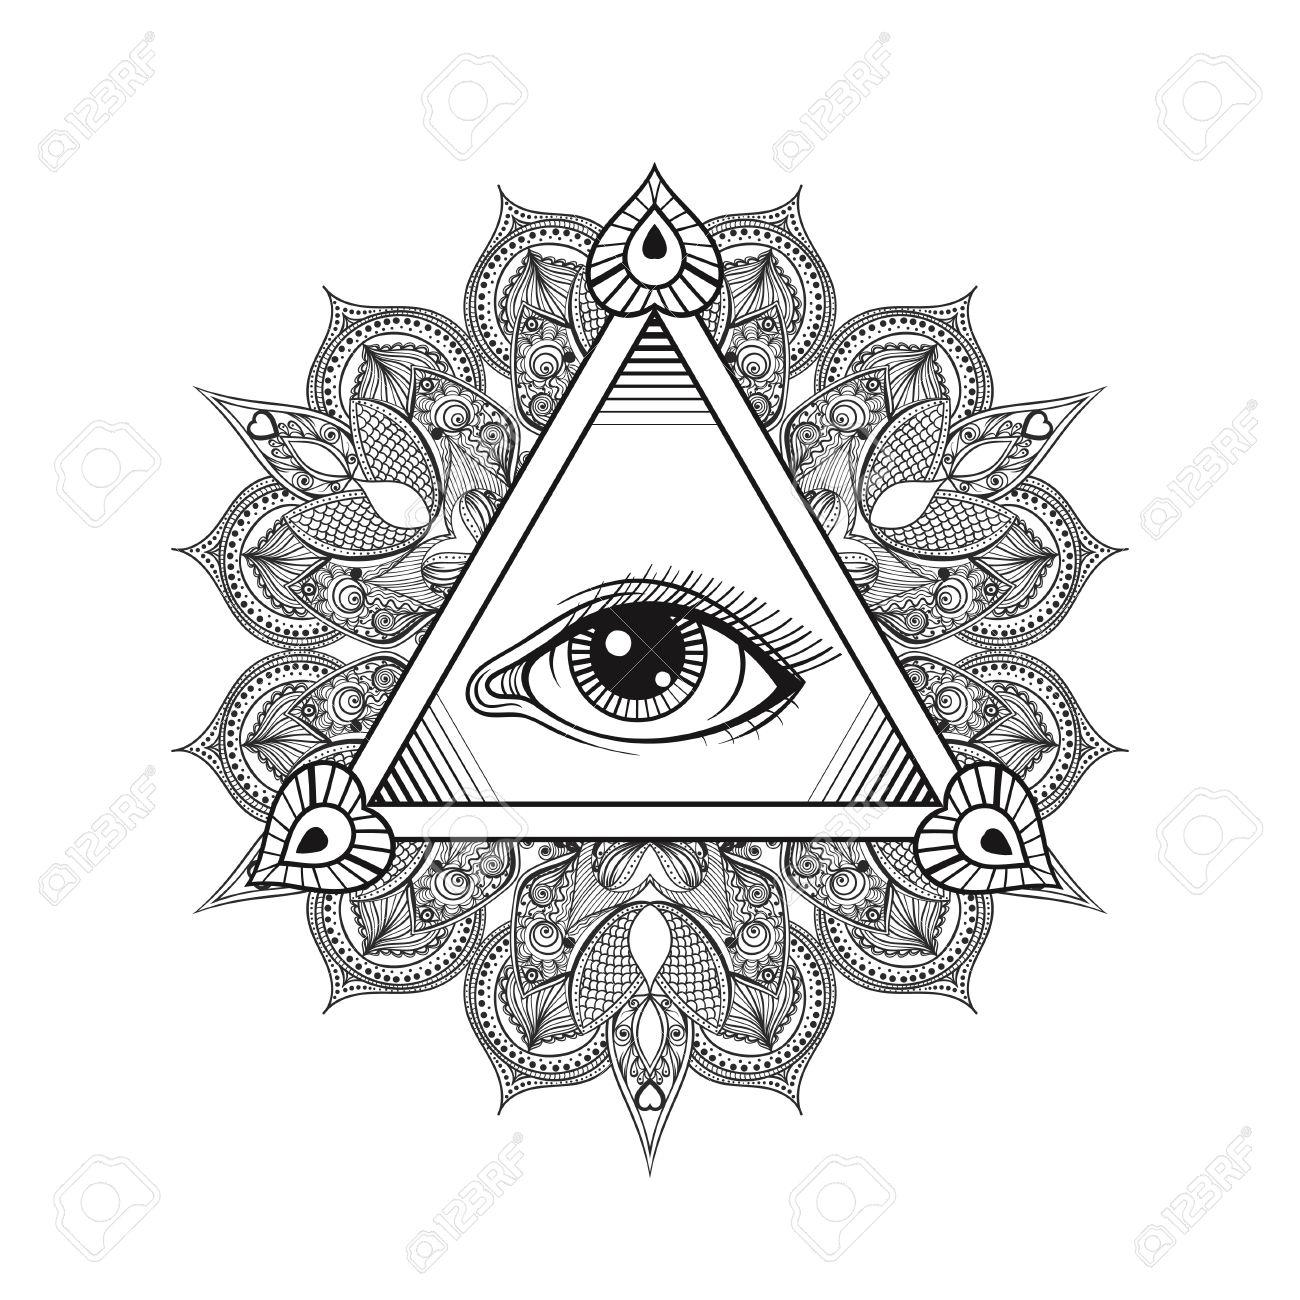 Estremamente Vettore Tutto Vedendo Simbolo Piramide Occhio. Disegno Del  SM52